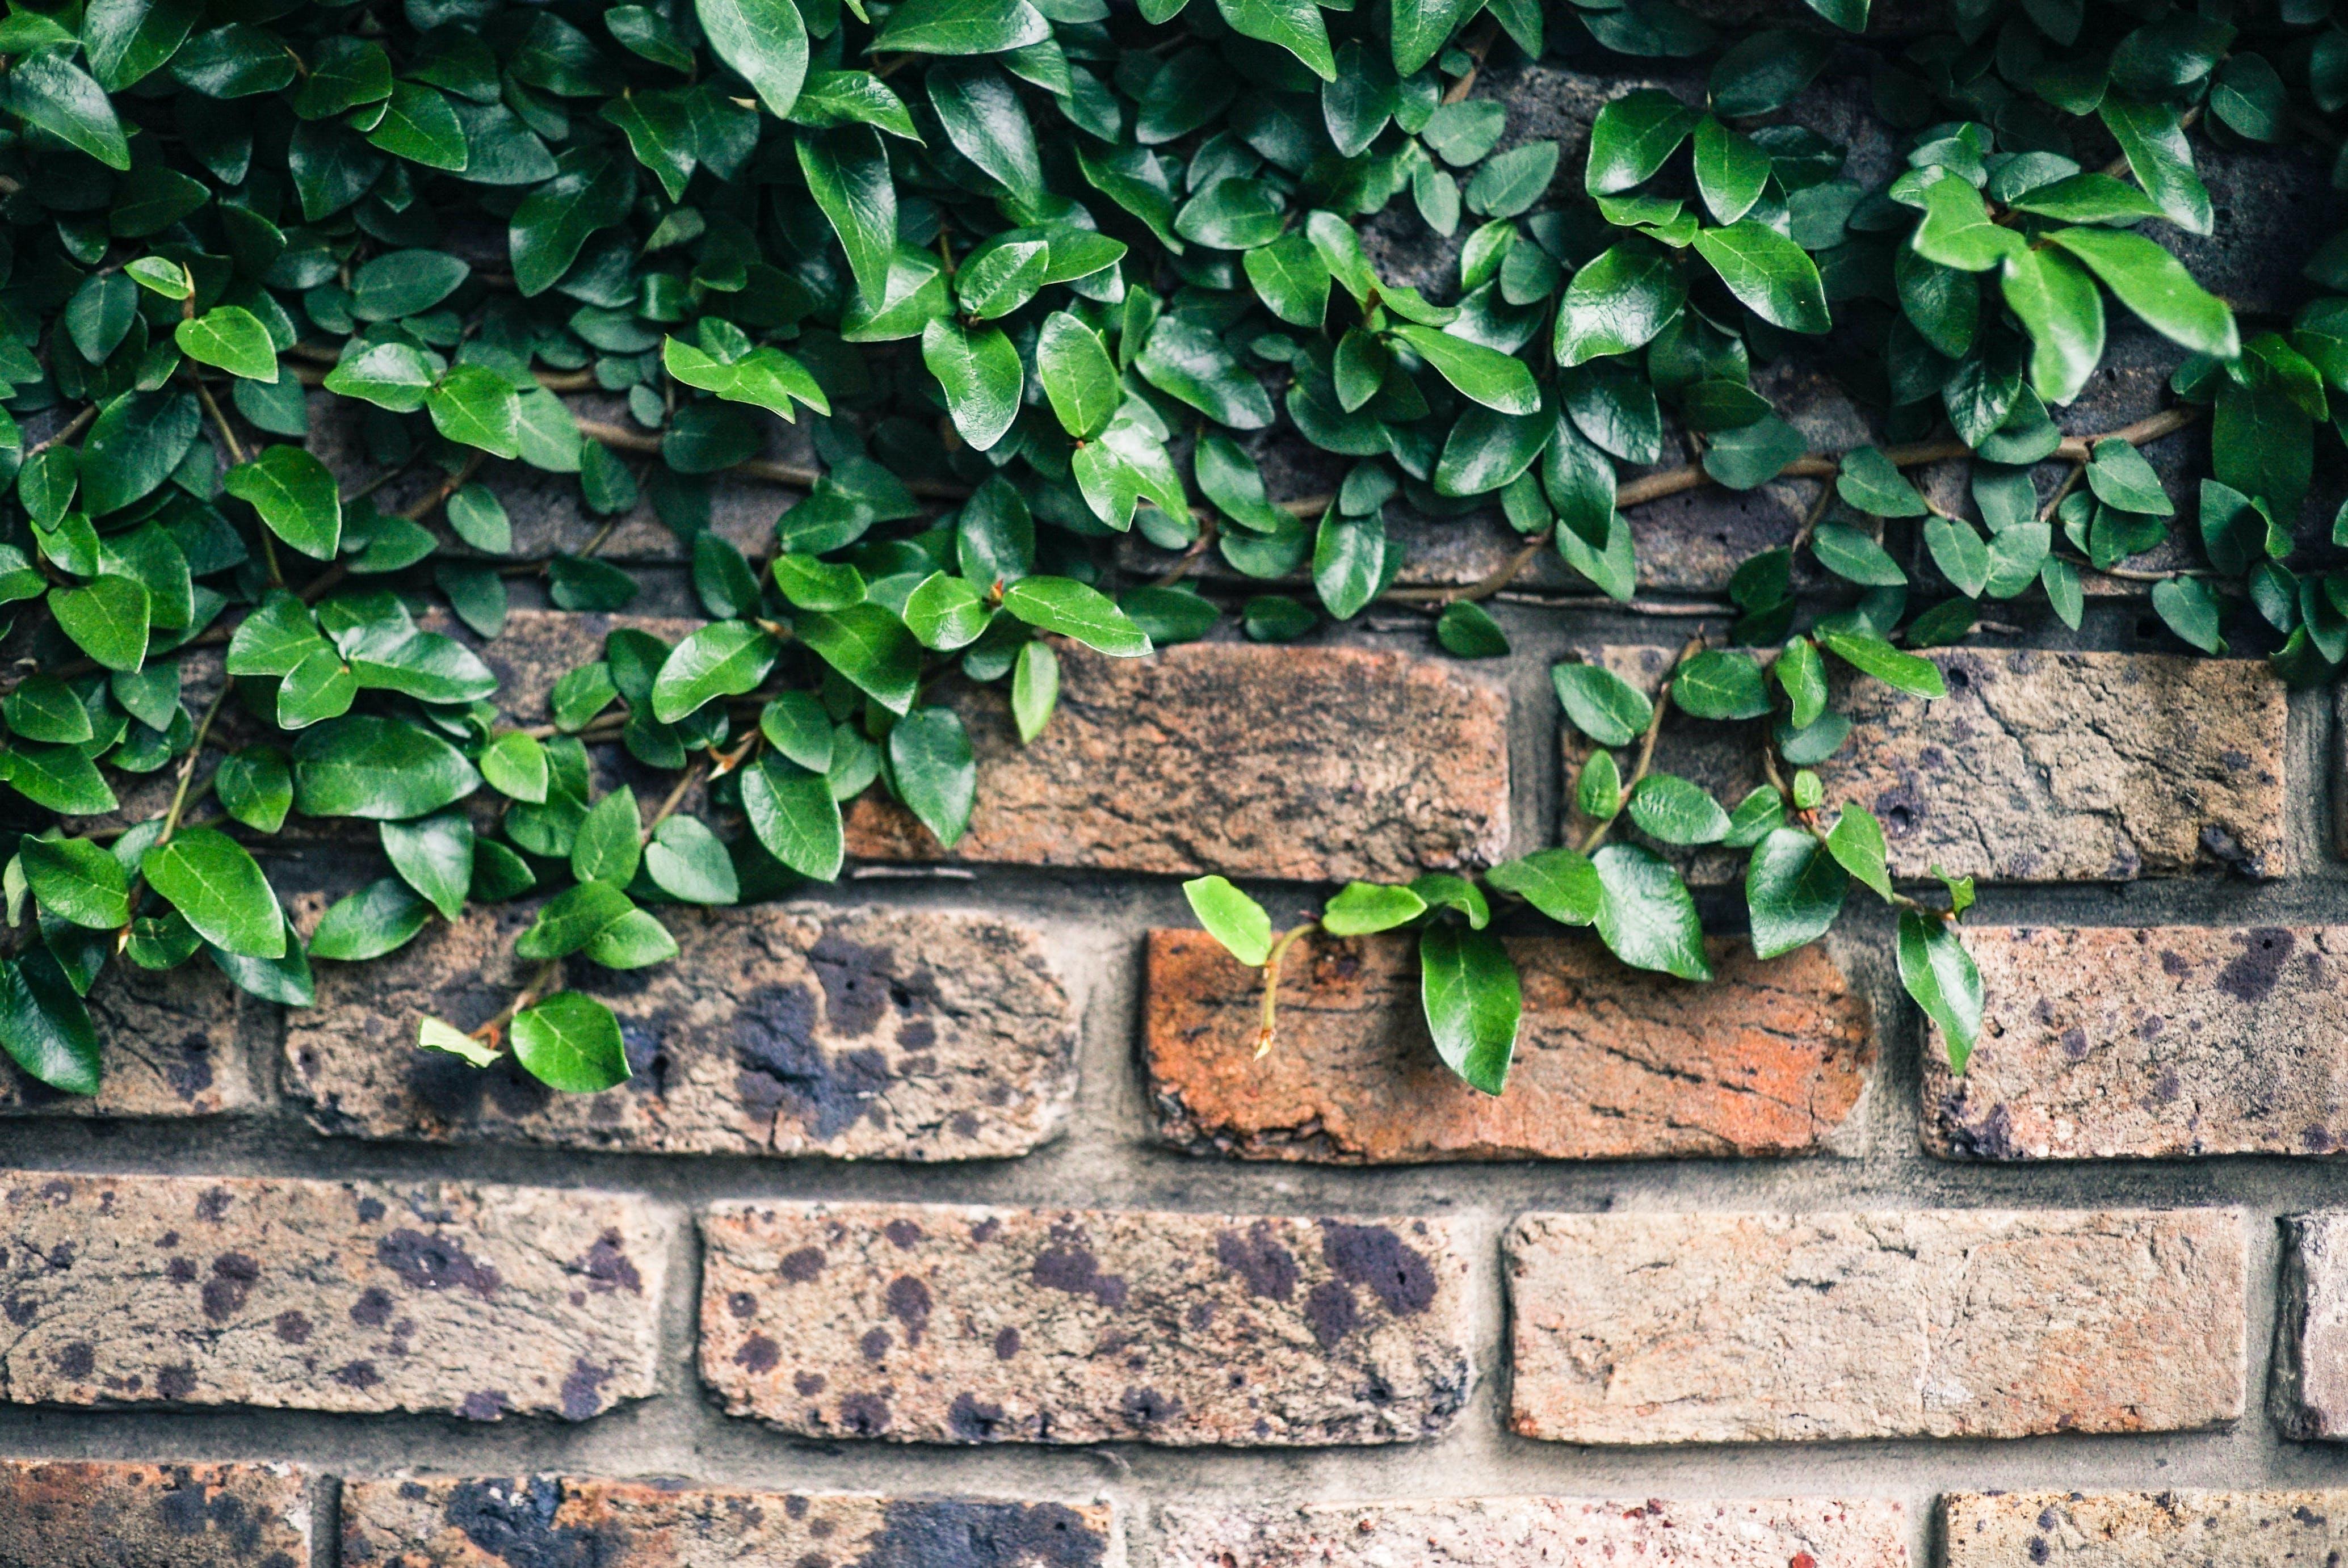 Green Leaf Plant on Wall